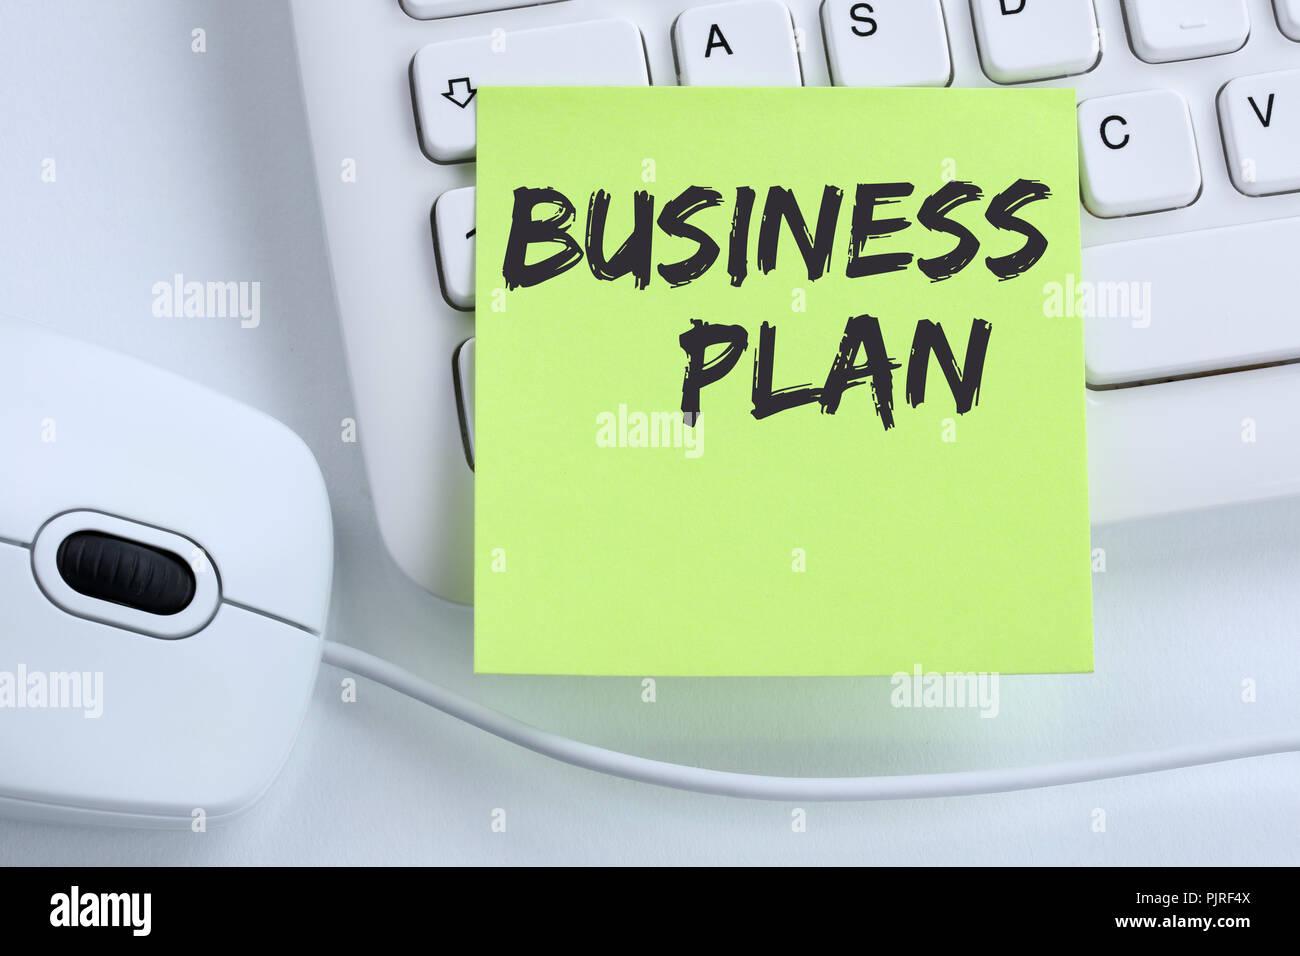 Business plan strategia di analisi del concetto di successo azienda mouse della tastiera del computer Immagini Stock